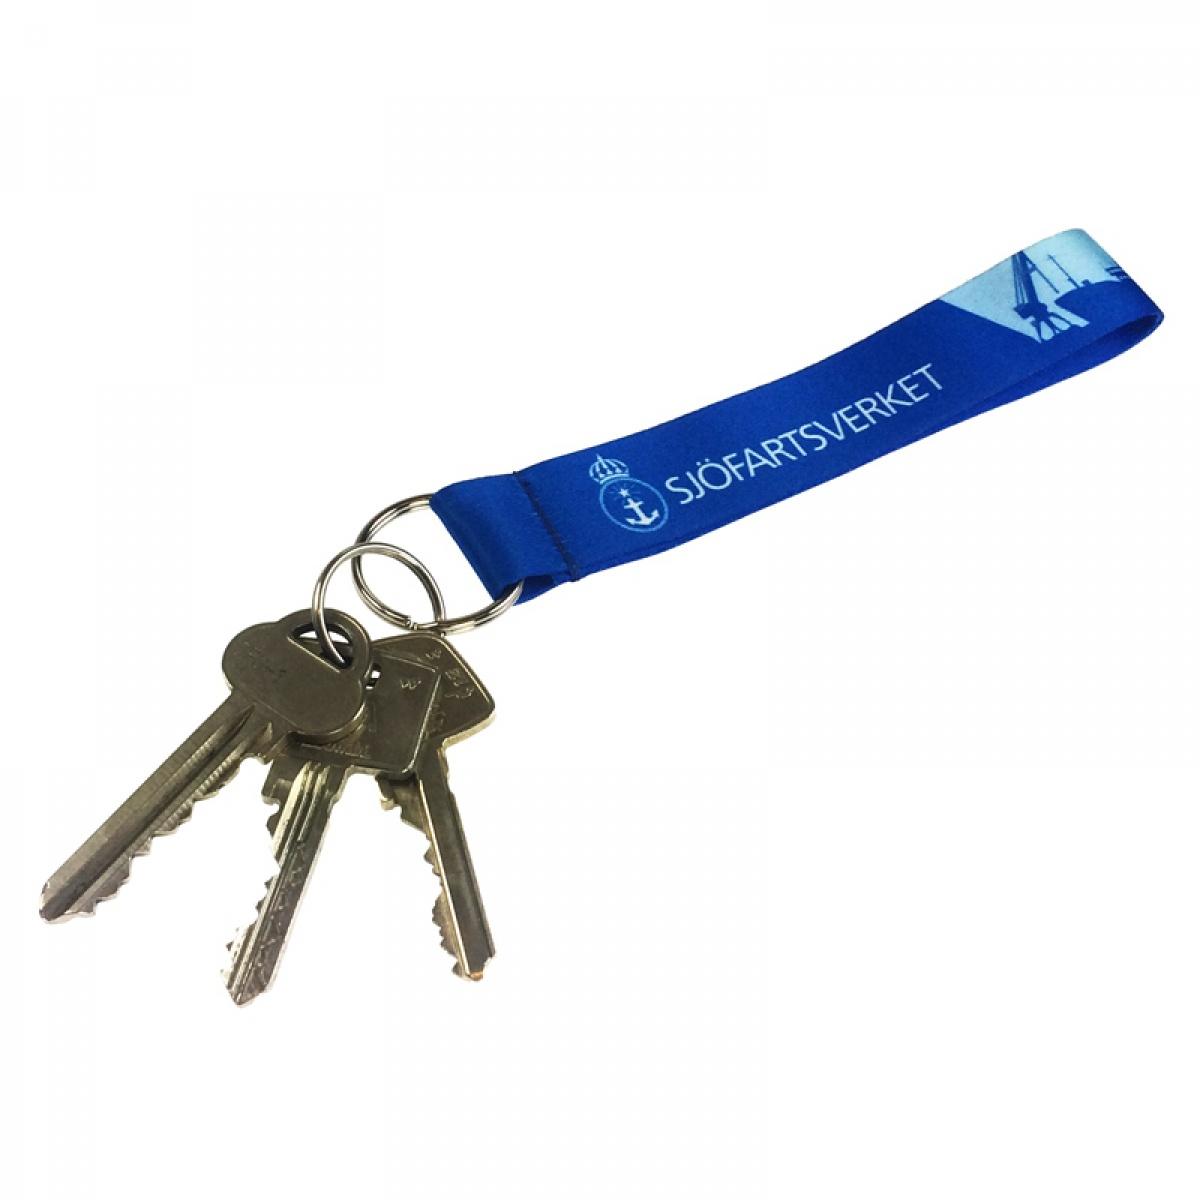 Nyckelband - Key